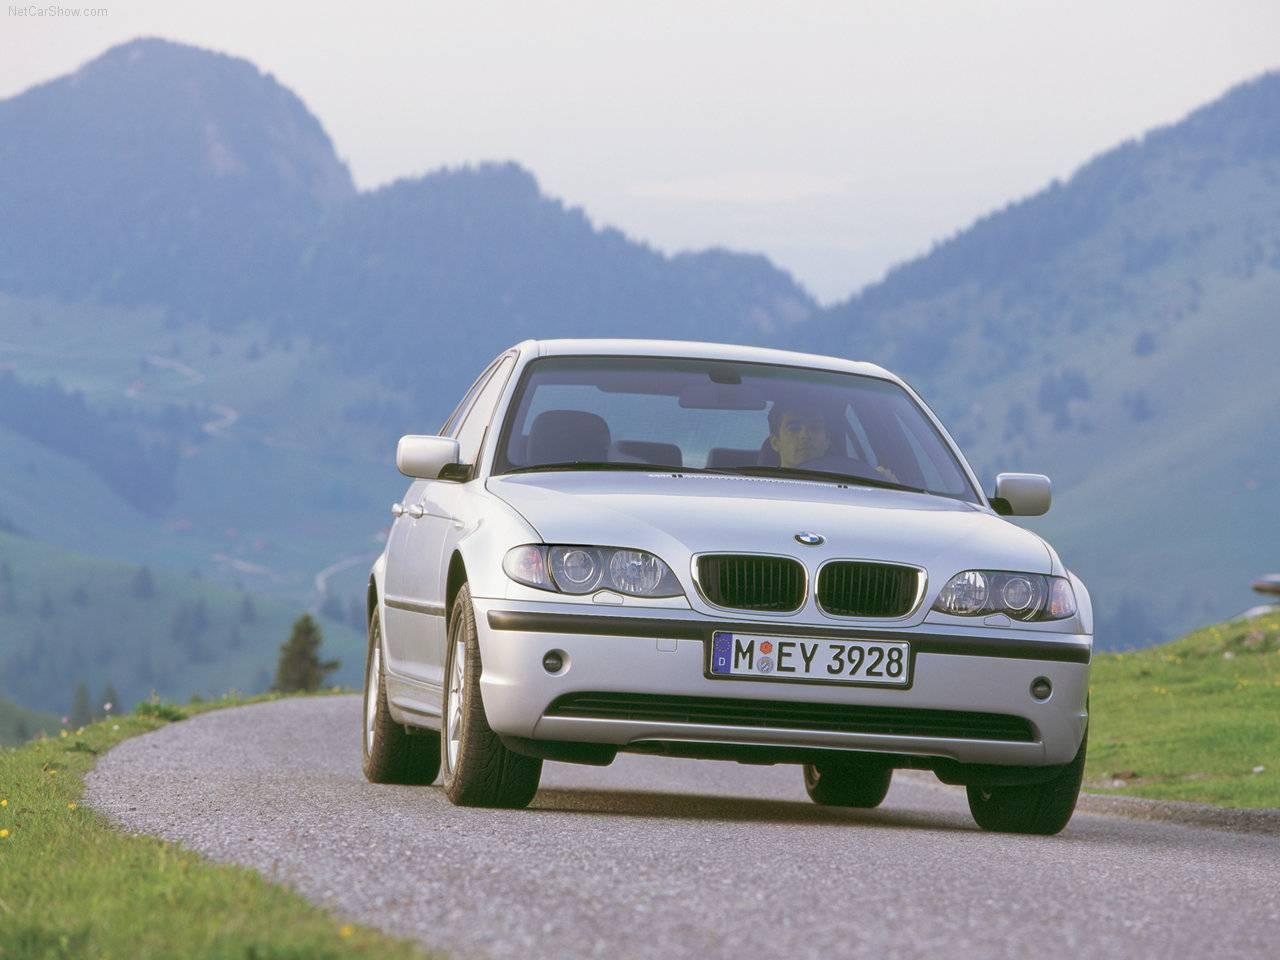 http://1.bp.blogspot.com/_vPMjJG-enrk/TAvb0iDpoKI/AAAAAAAAC_U/tKi73Fo9ujo/s1600/BMW-3-Series_2002_1280x960_wallpaper_05.jpg